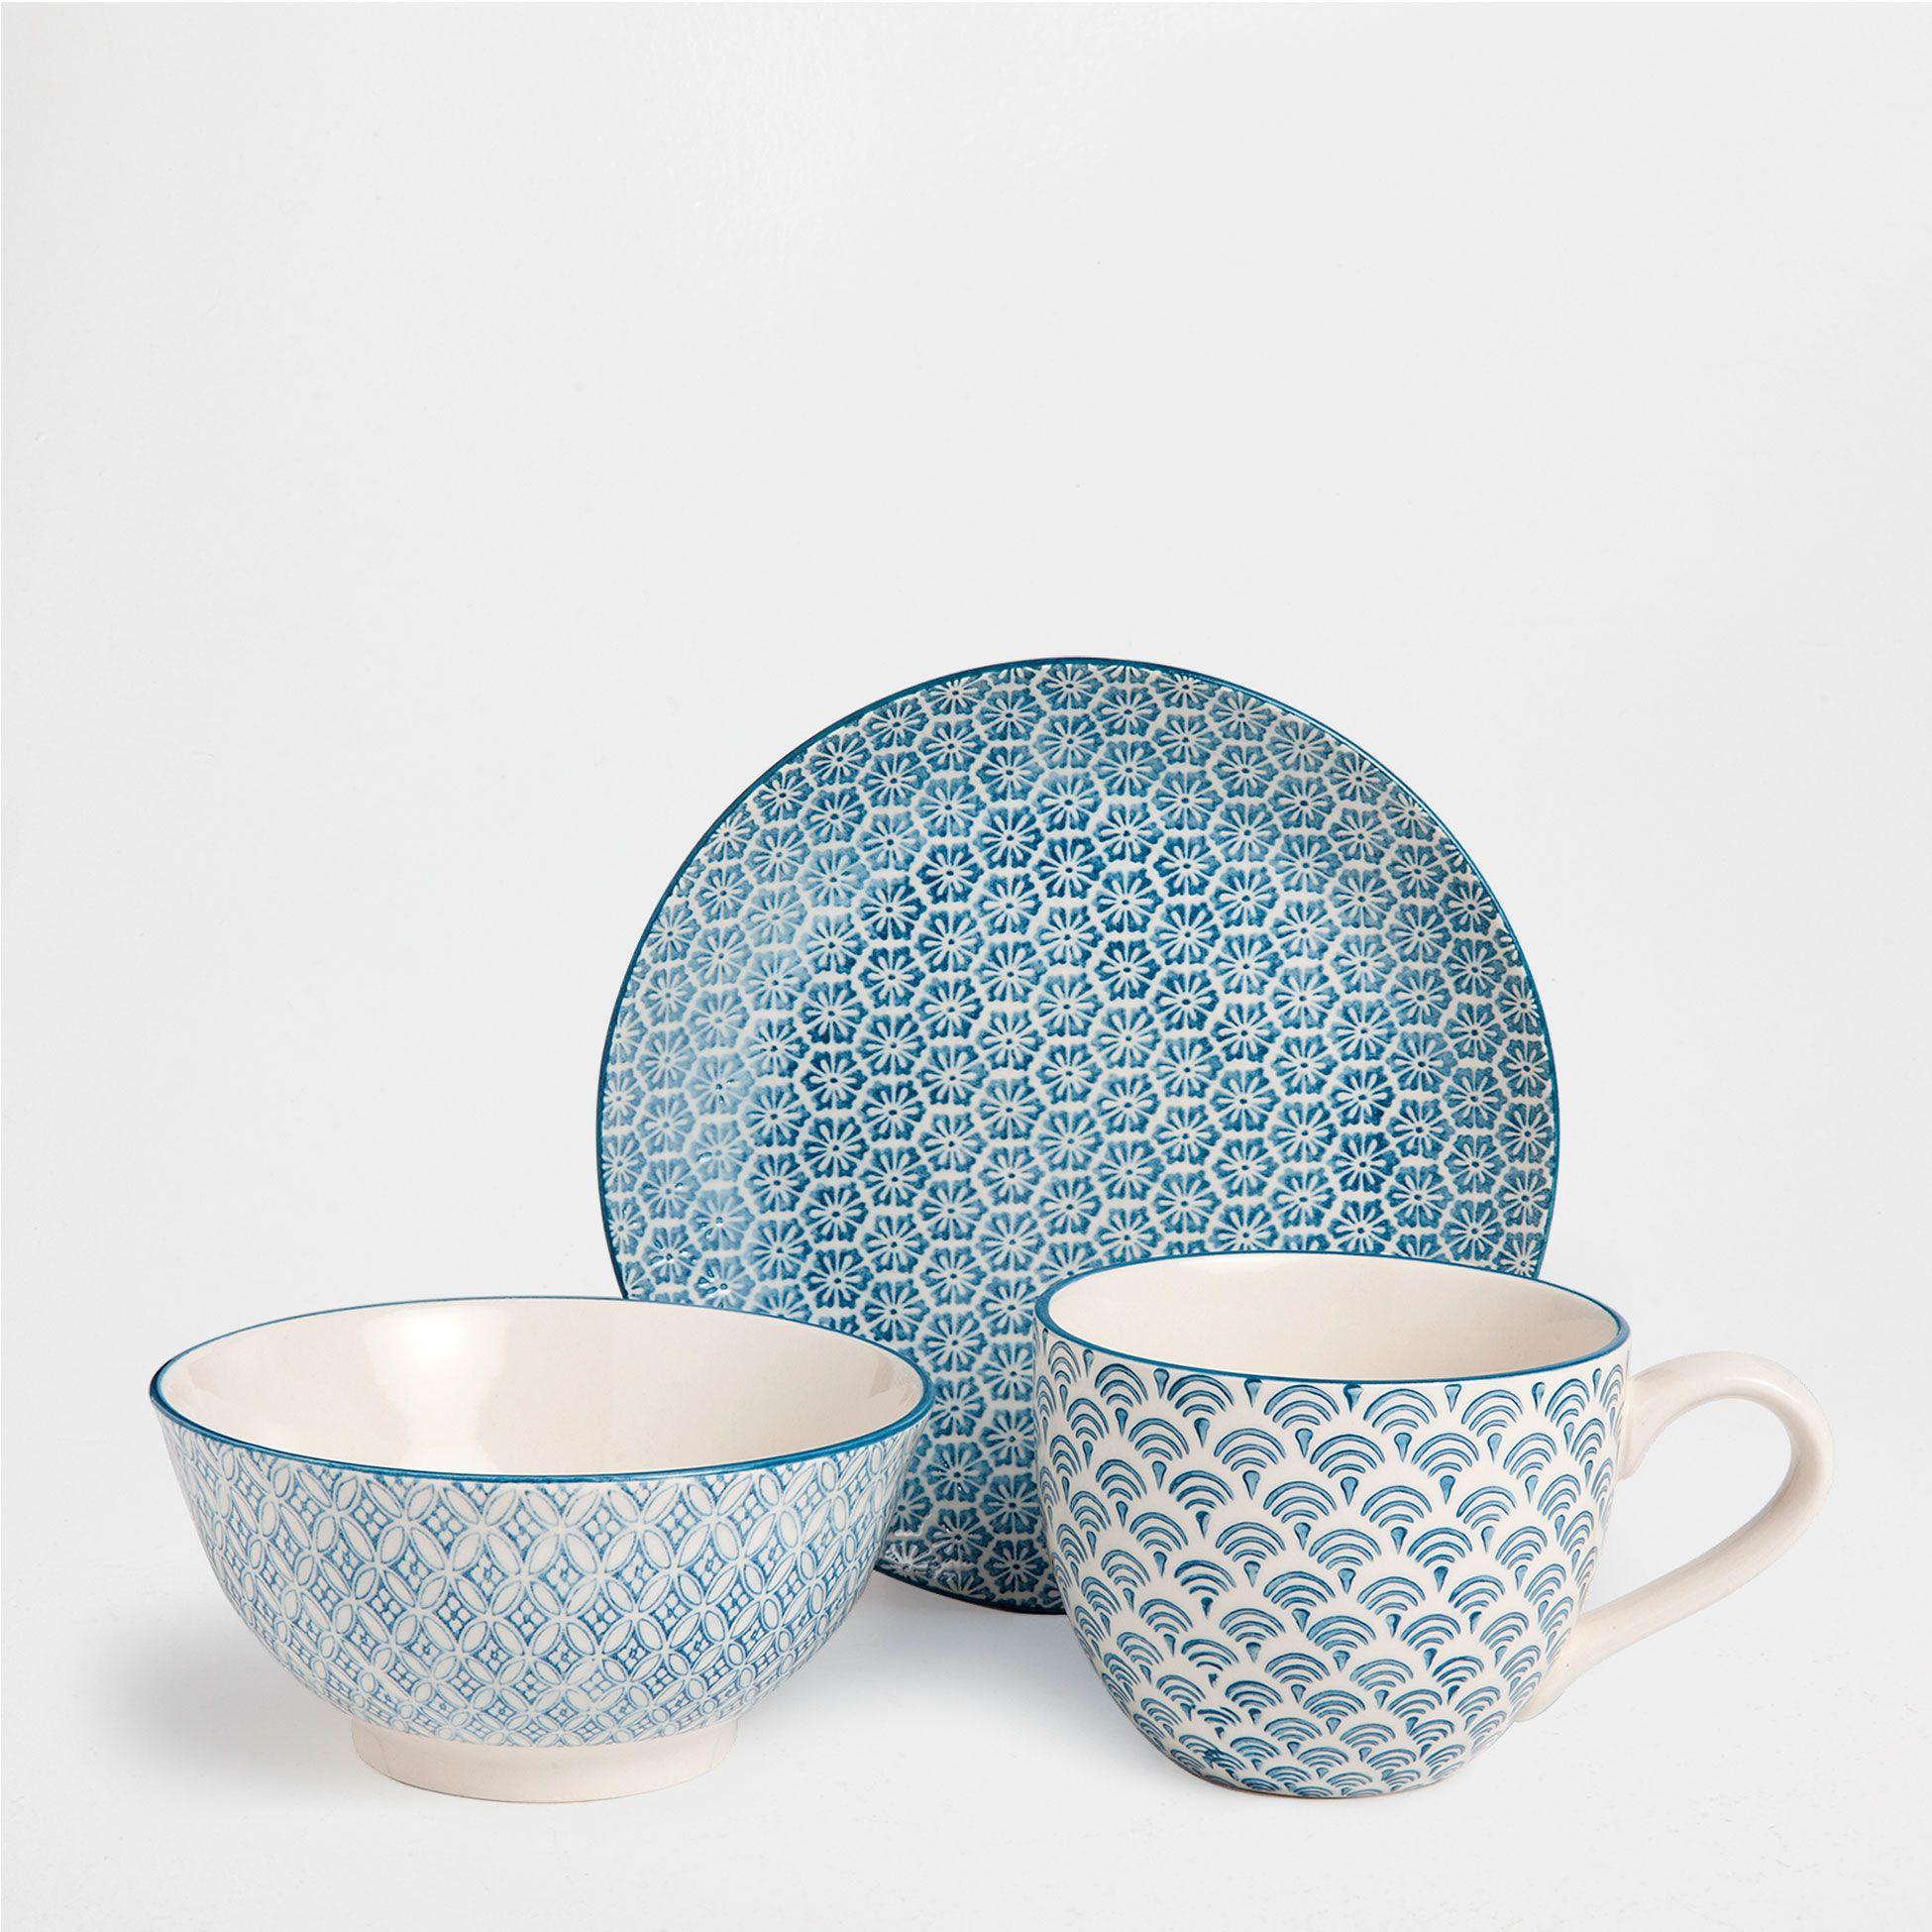 Set desayuno azulejos porcelana vajillas zara y porcelana - Vajillas zara home ...